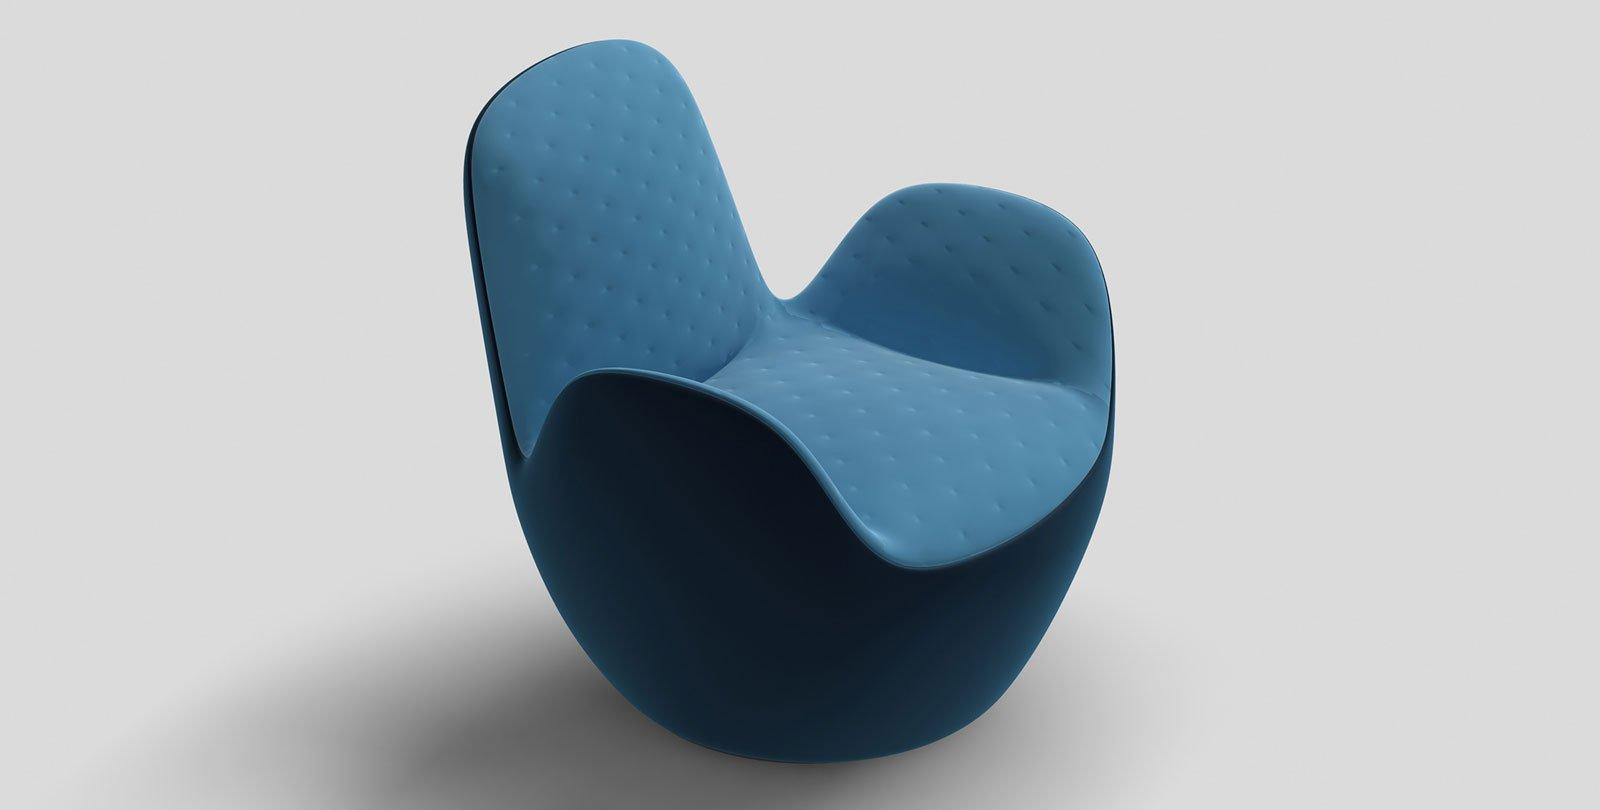 Aircell di Roche Bobois è una seduta girevole a memoria di posizione con una silhouette innovativa; è rivestita esternamente in pelle, internamente in pelle trapuntata o in tessuto matelassé. Misura L 77 x P 85 x H 77 cm.  www.roche-bobois.com